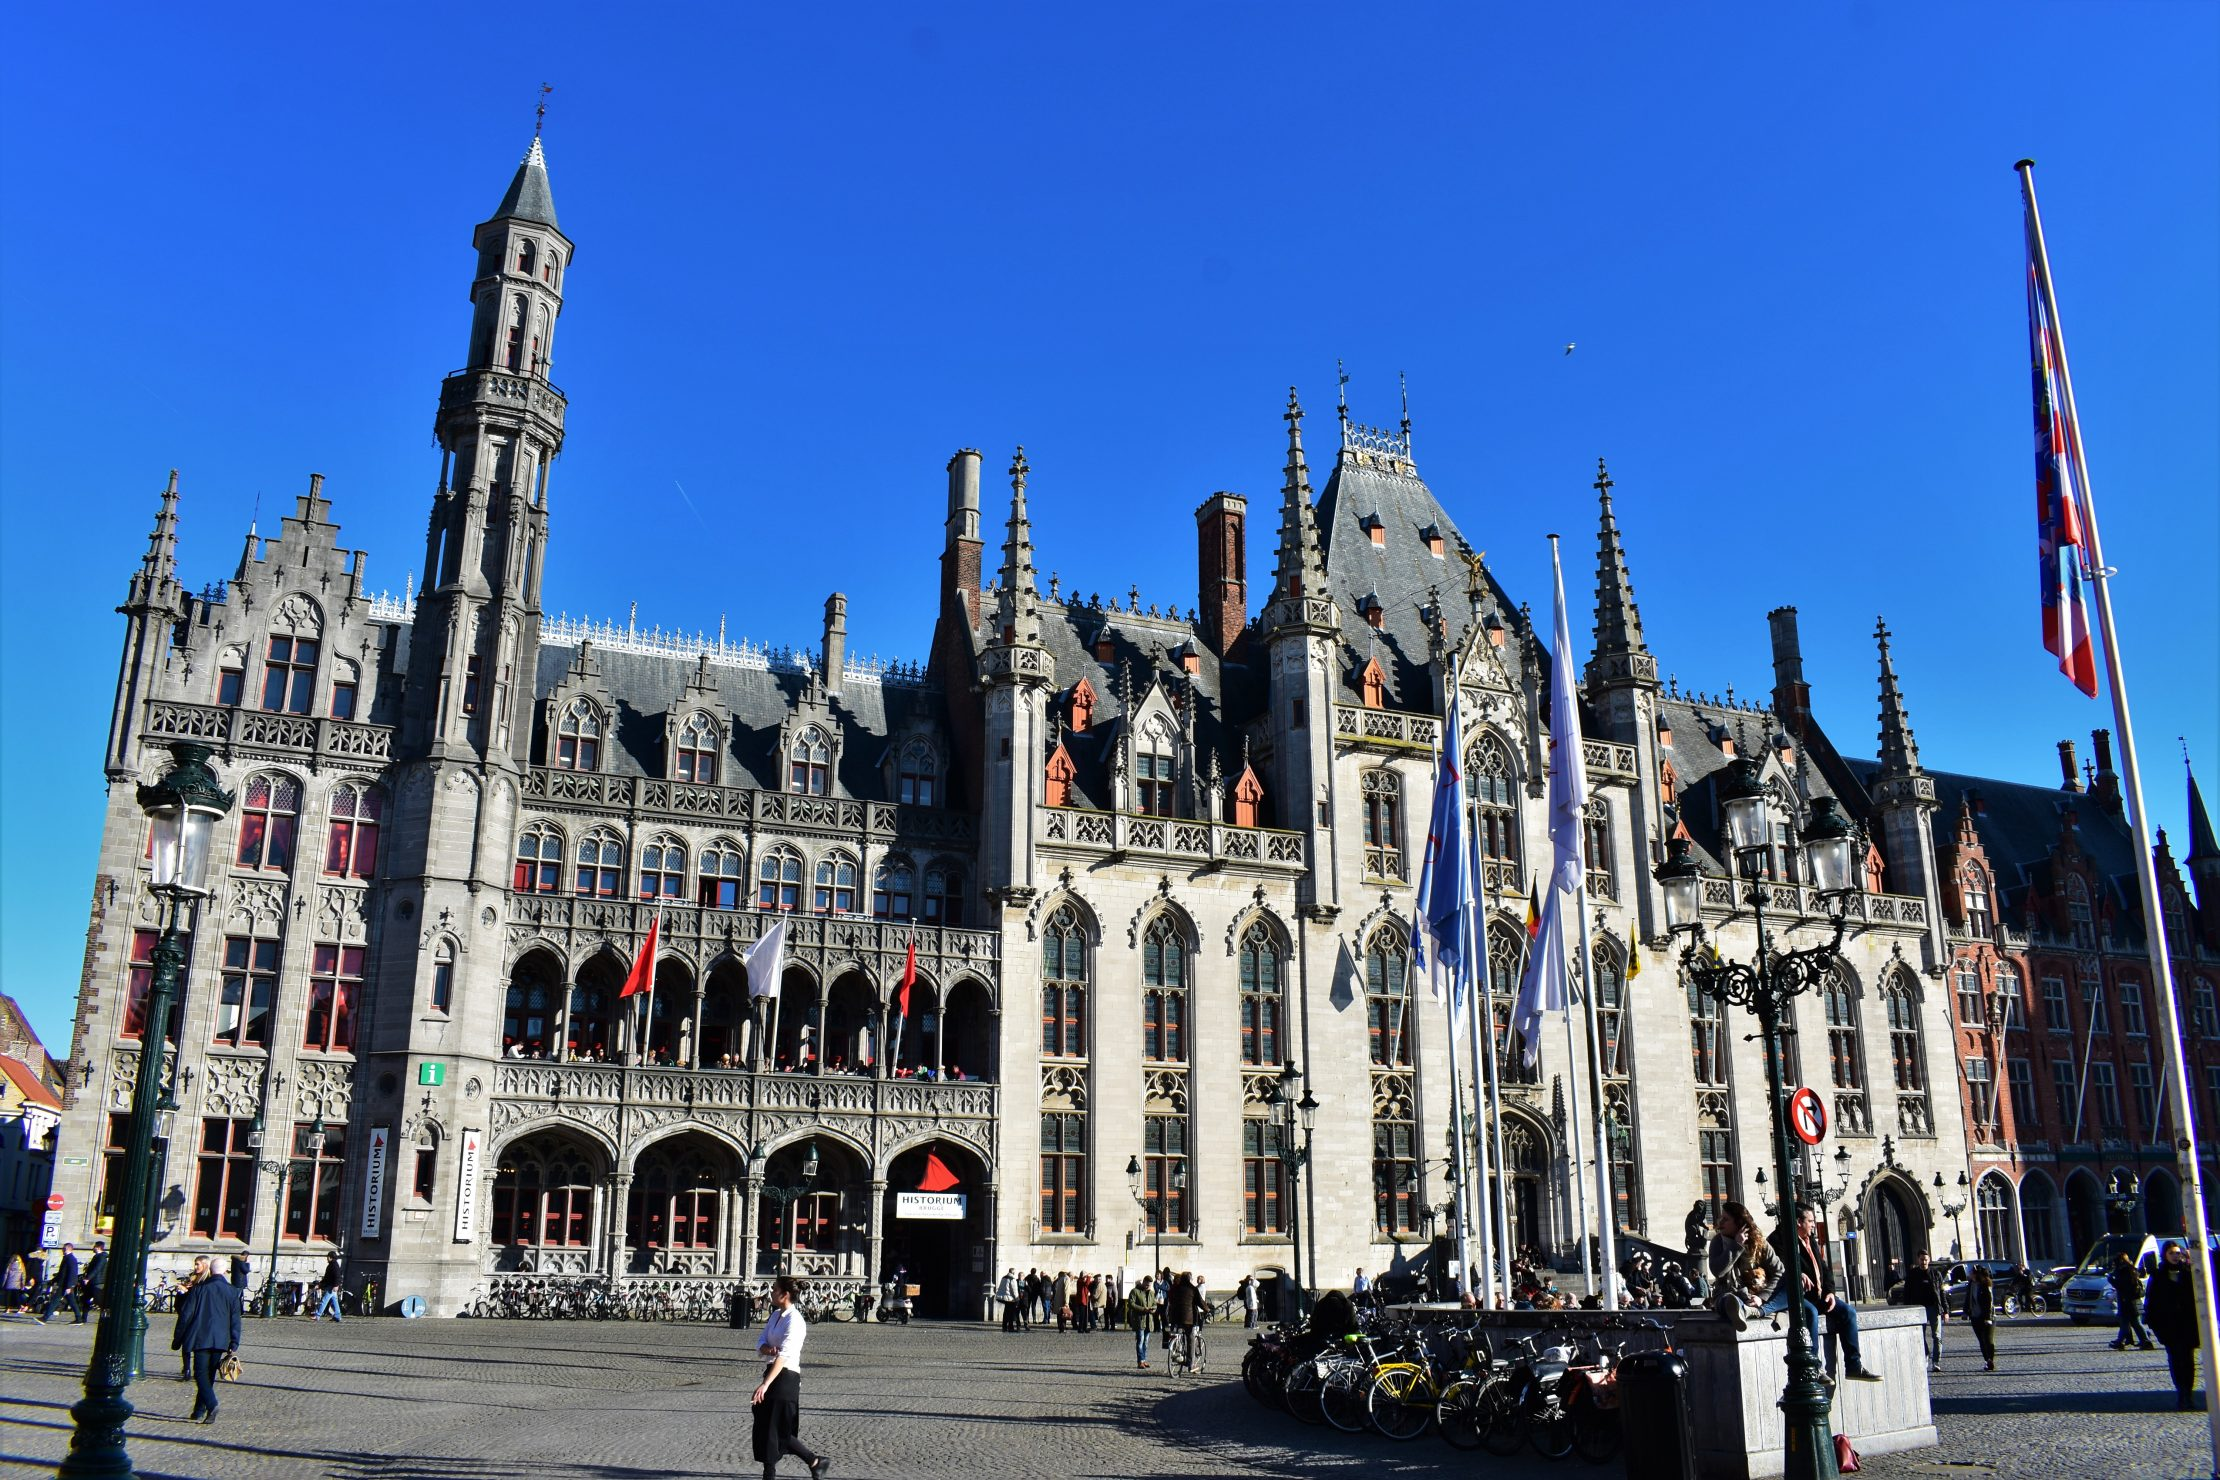 Historium in Bruges with Duvelorium terrace